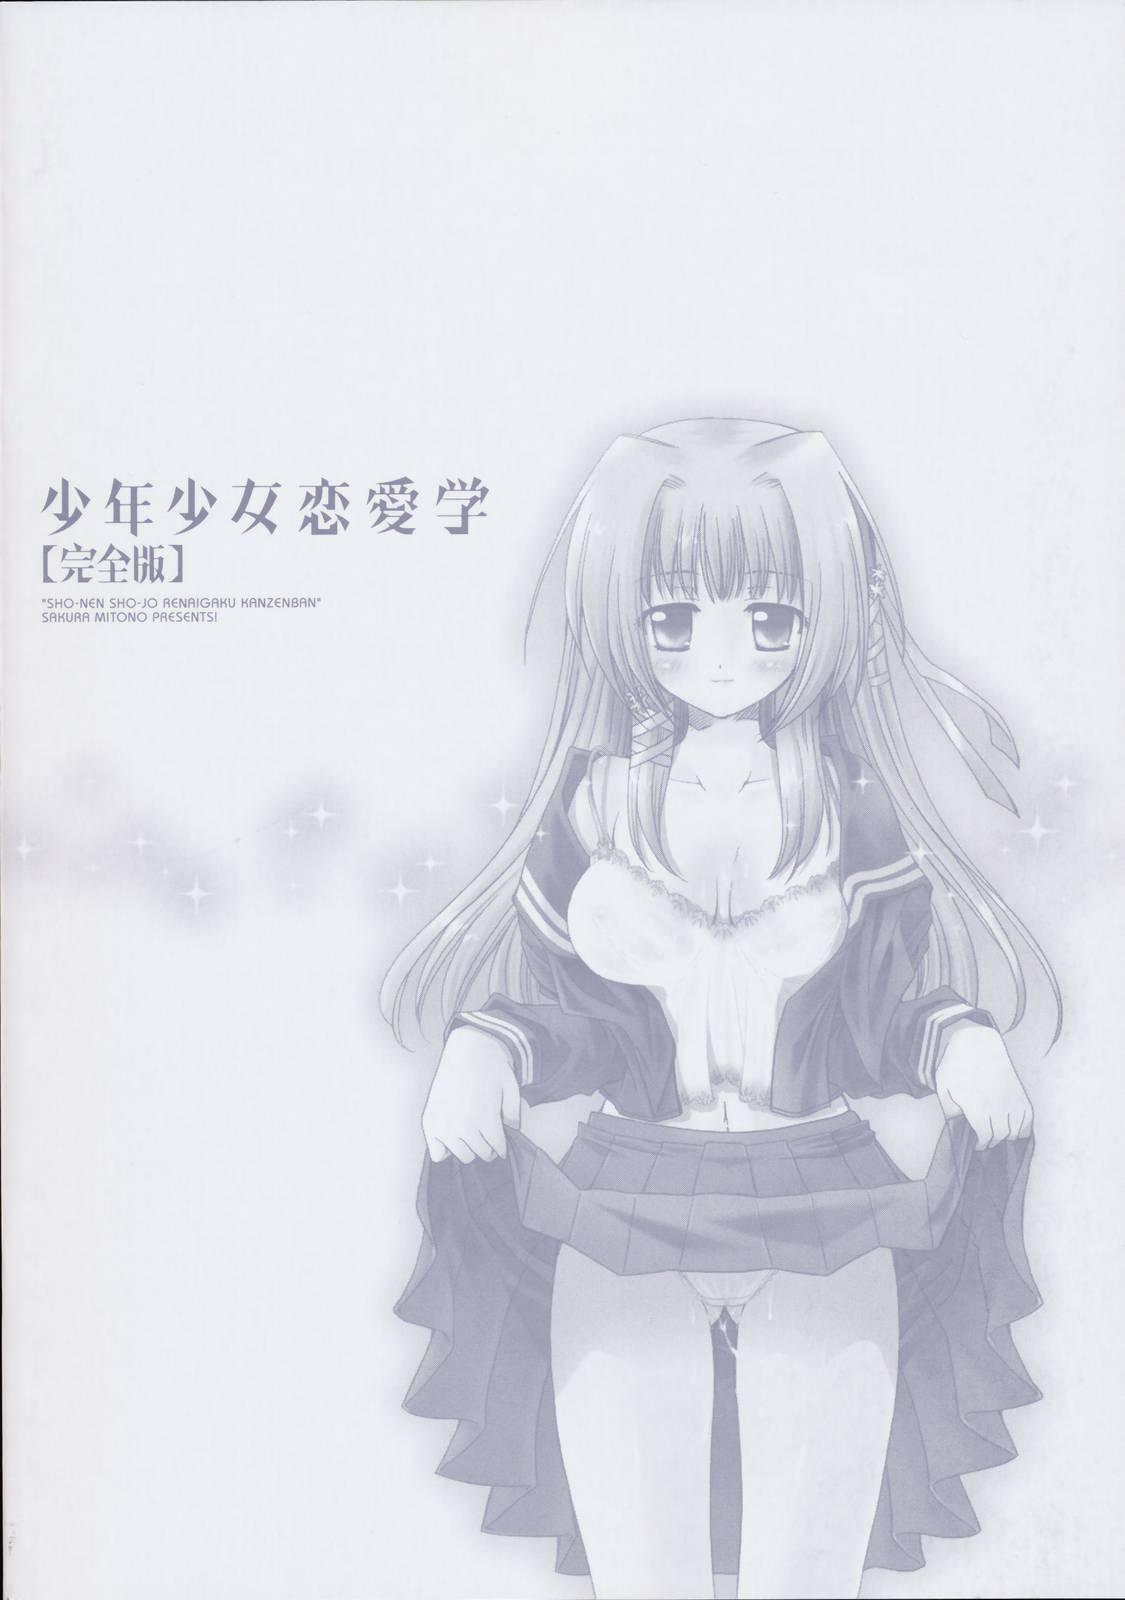 Shounen Shoujo Renaigaku Kanzenban 267